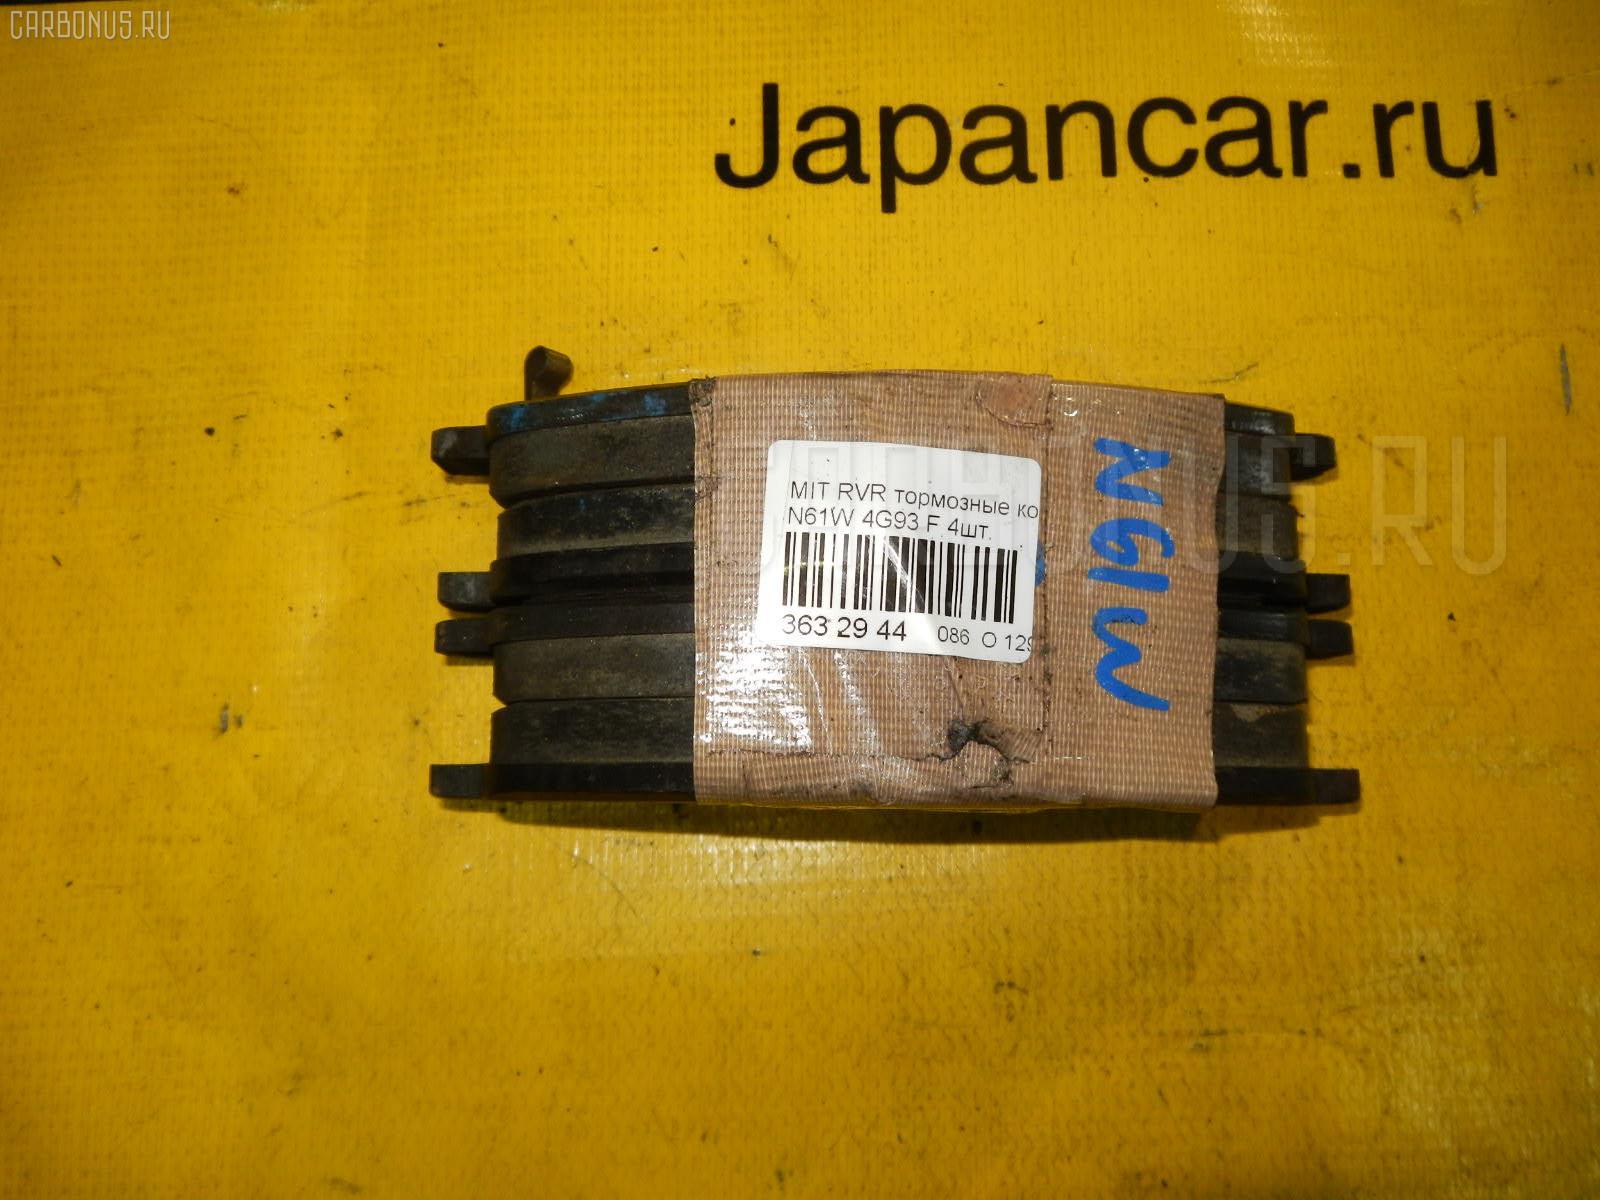 Тормозные колодки MITSUBISHI RVR N61W 4G93. Фото 2